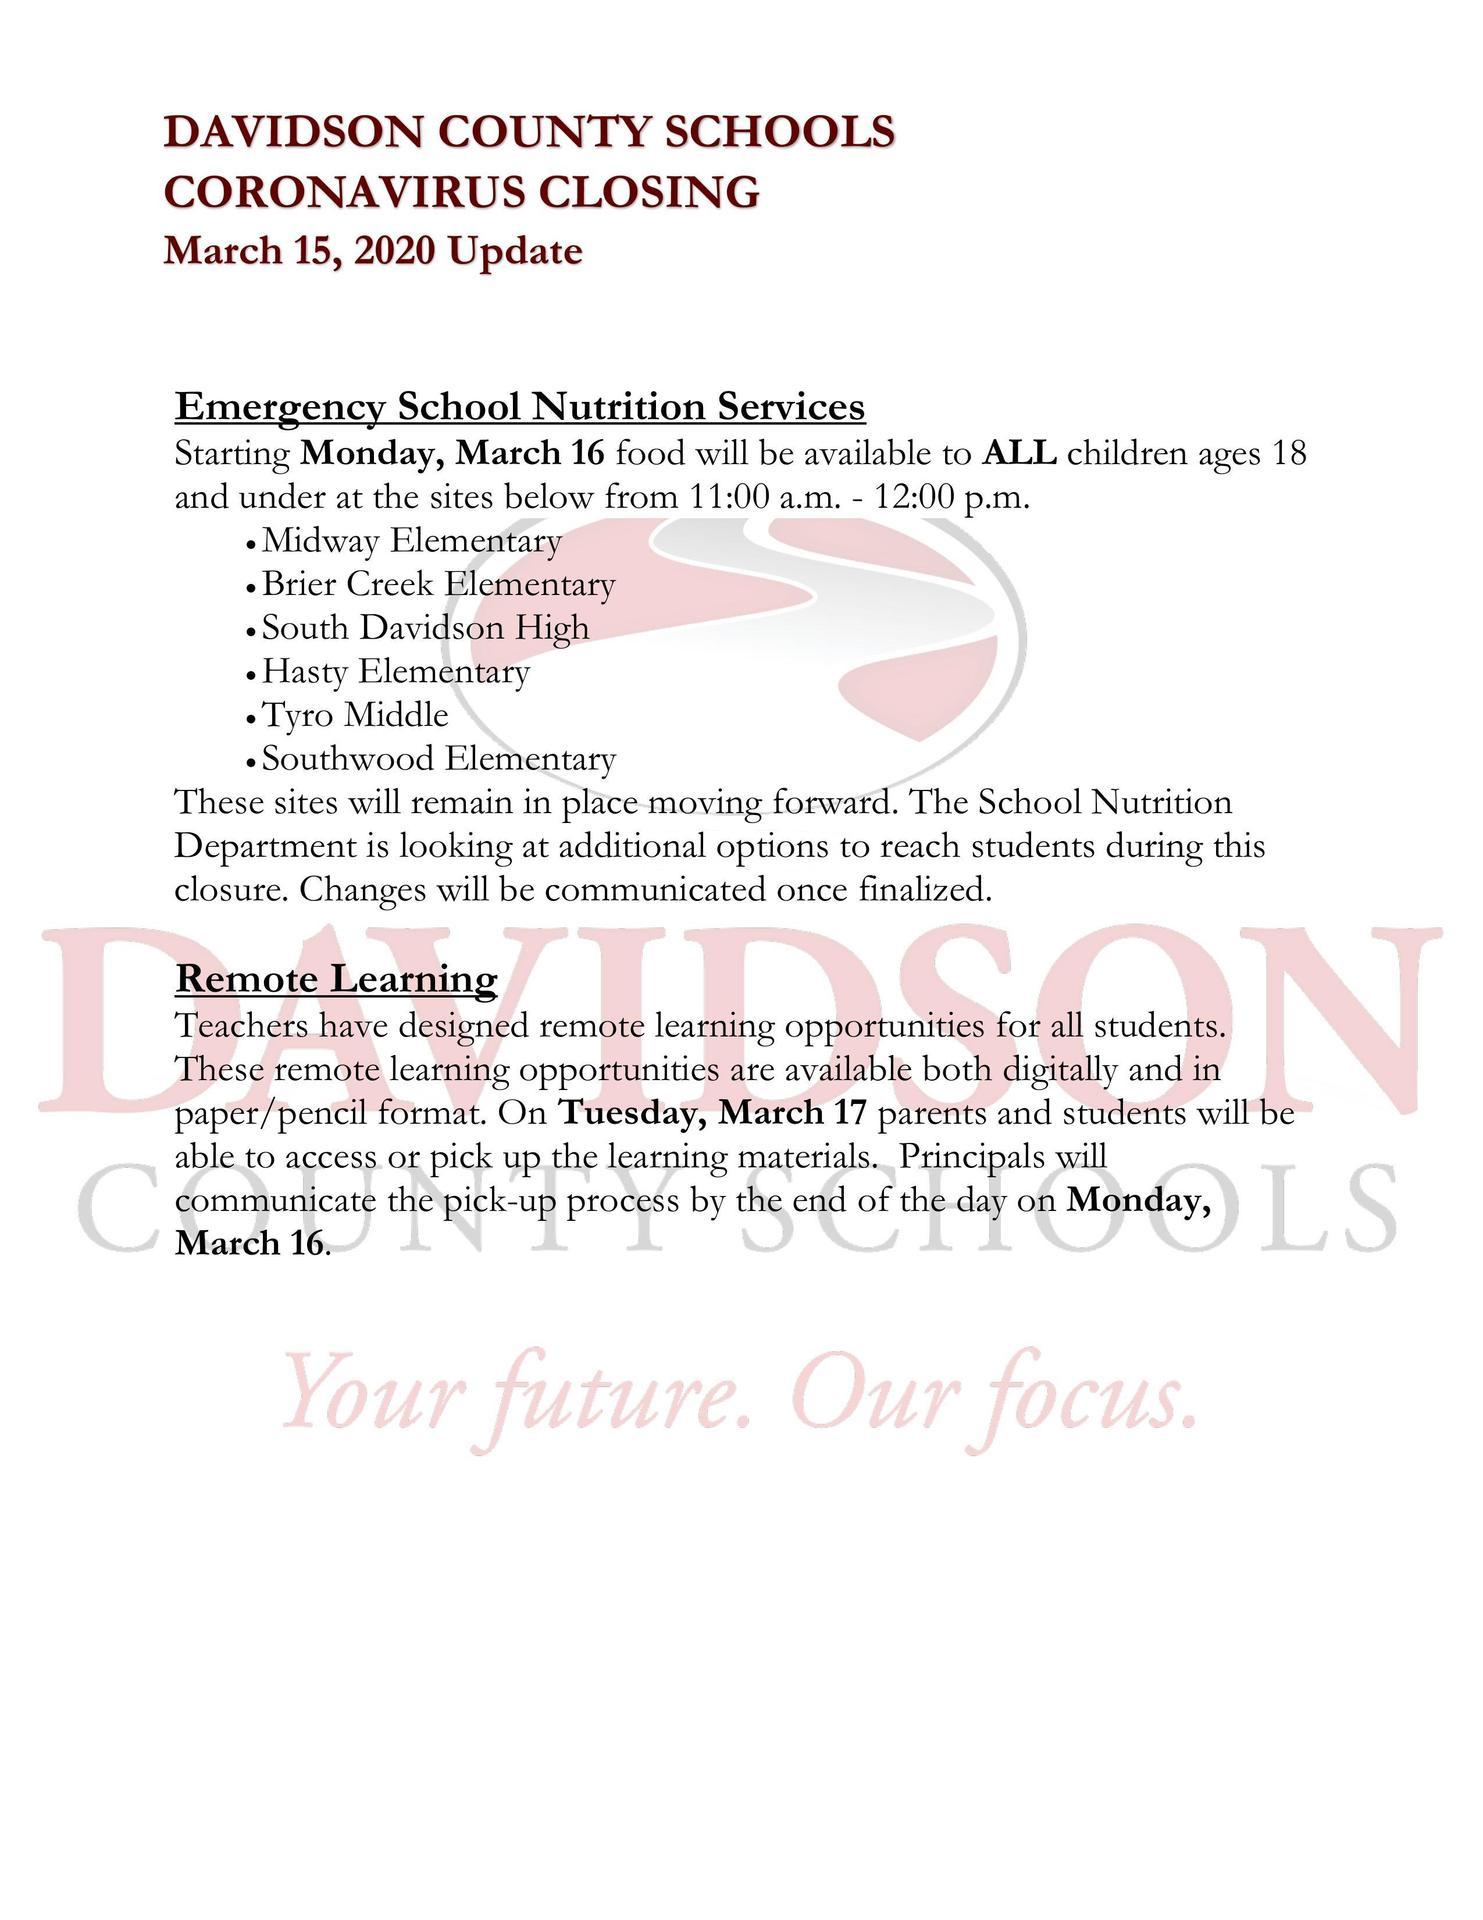 DCS 3/15/2020 Update